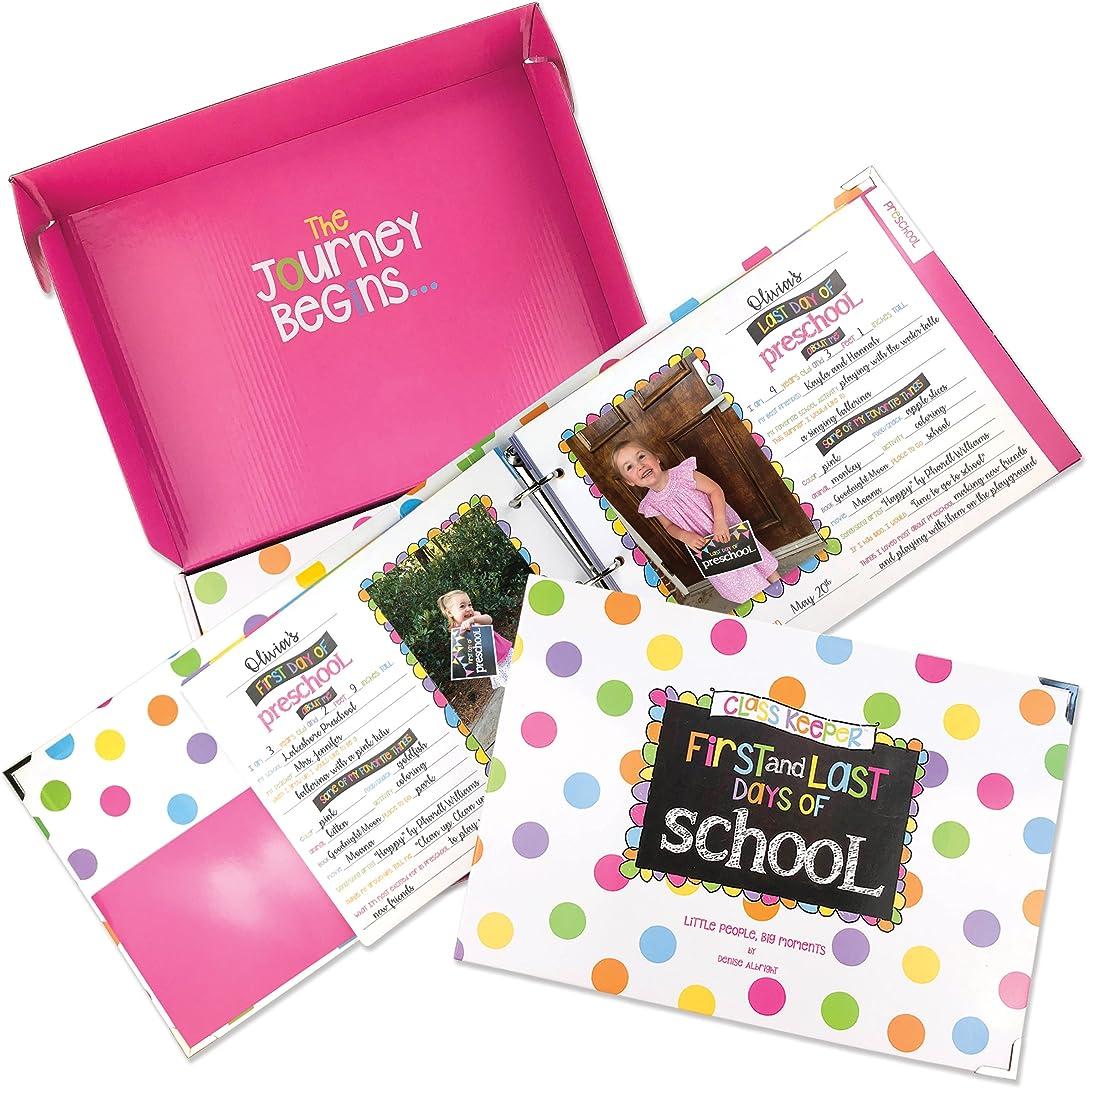 School Memory Book Keepsake Album, Scrapbook for Kids Memories Preschool to College, with Pocket for Every Grade, Class Photos, School Pictures